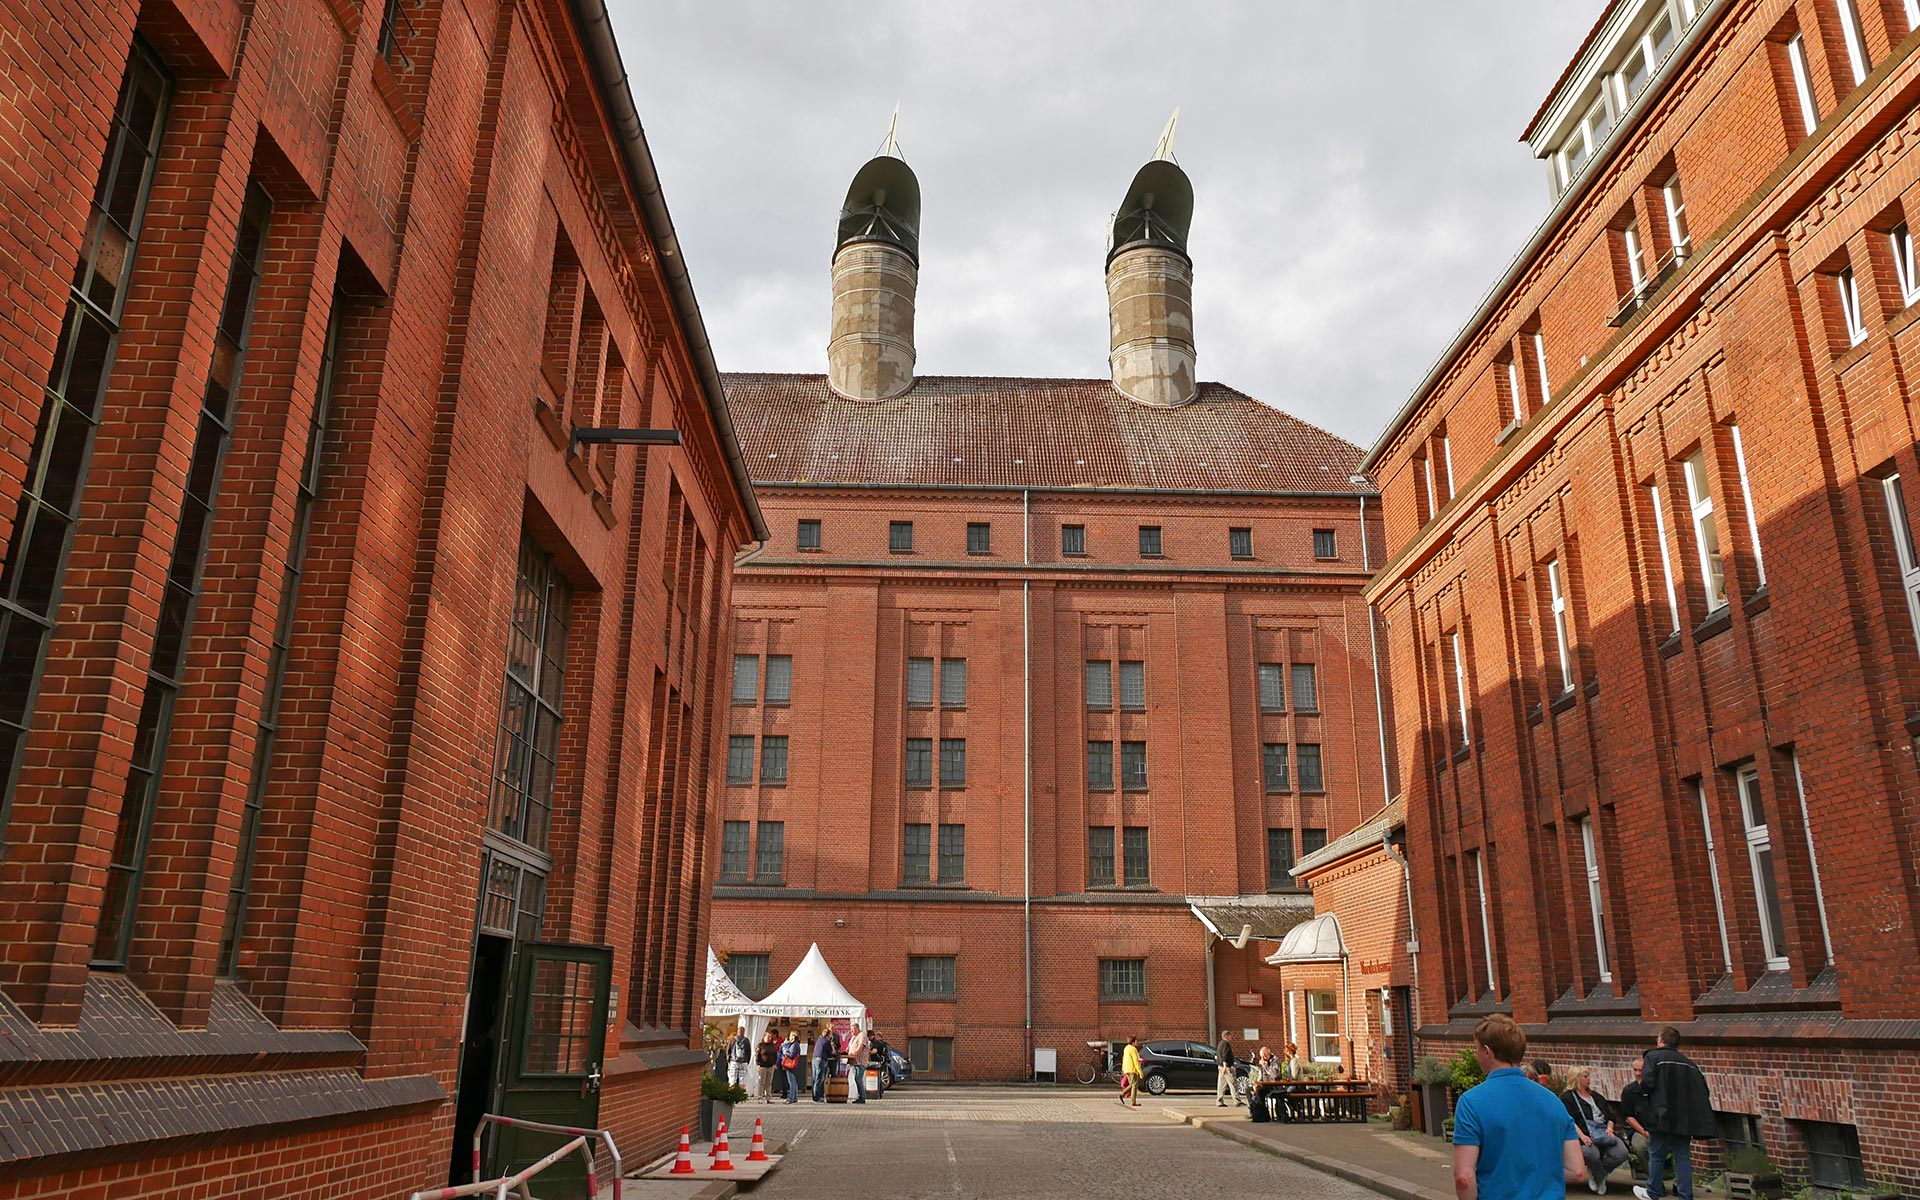 Passende Kulisse: Wir haben den Glenfiddich IPA beim Whiskyherbst in der Malzfabrik verkostet, einer ehemaligen Brauerei (Foto: Alkoblog)